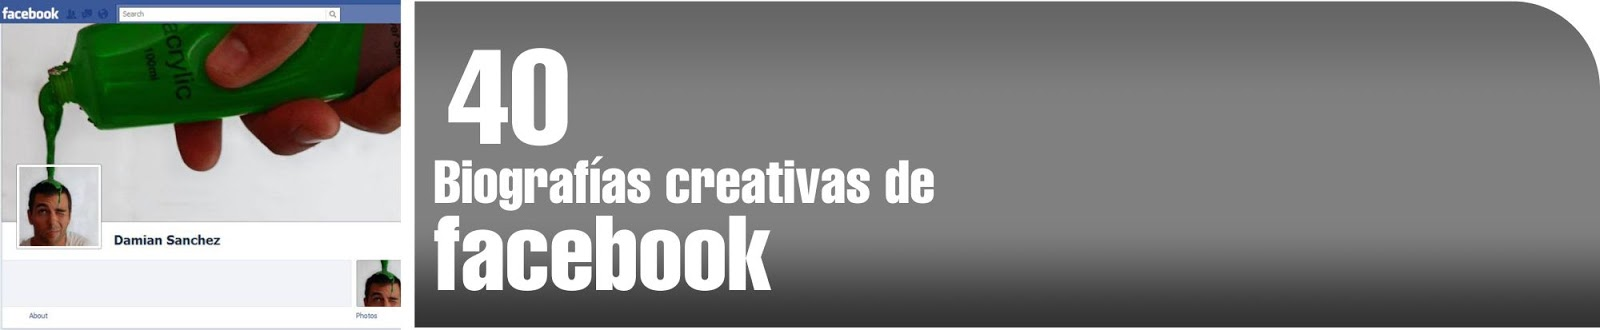 Biografías creativas de facebook para tu inspiración